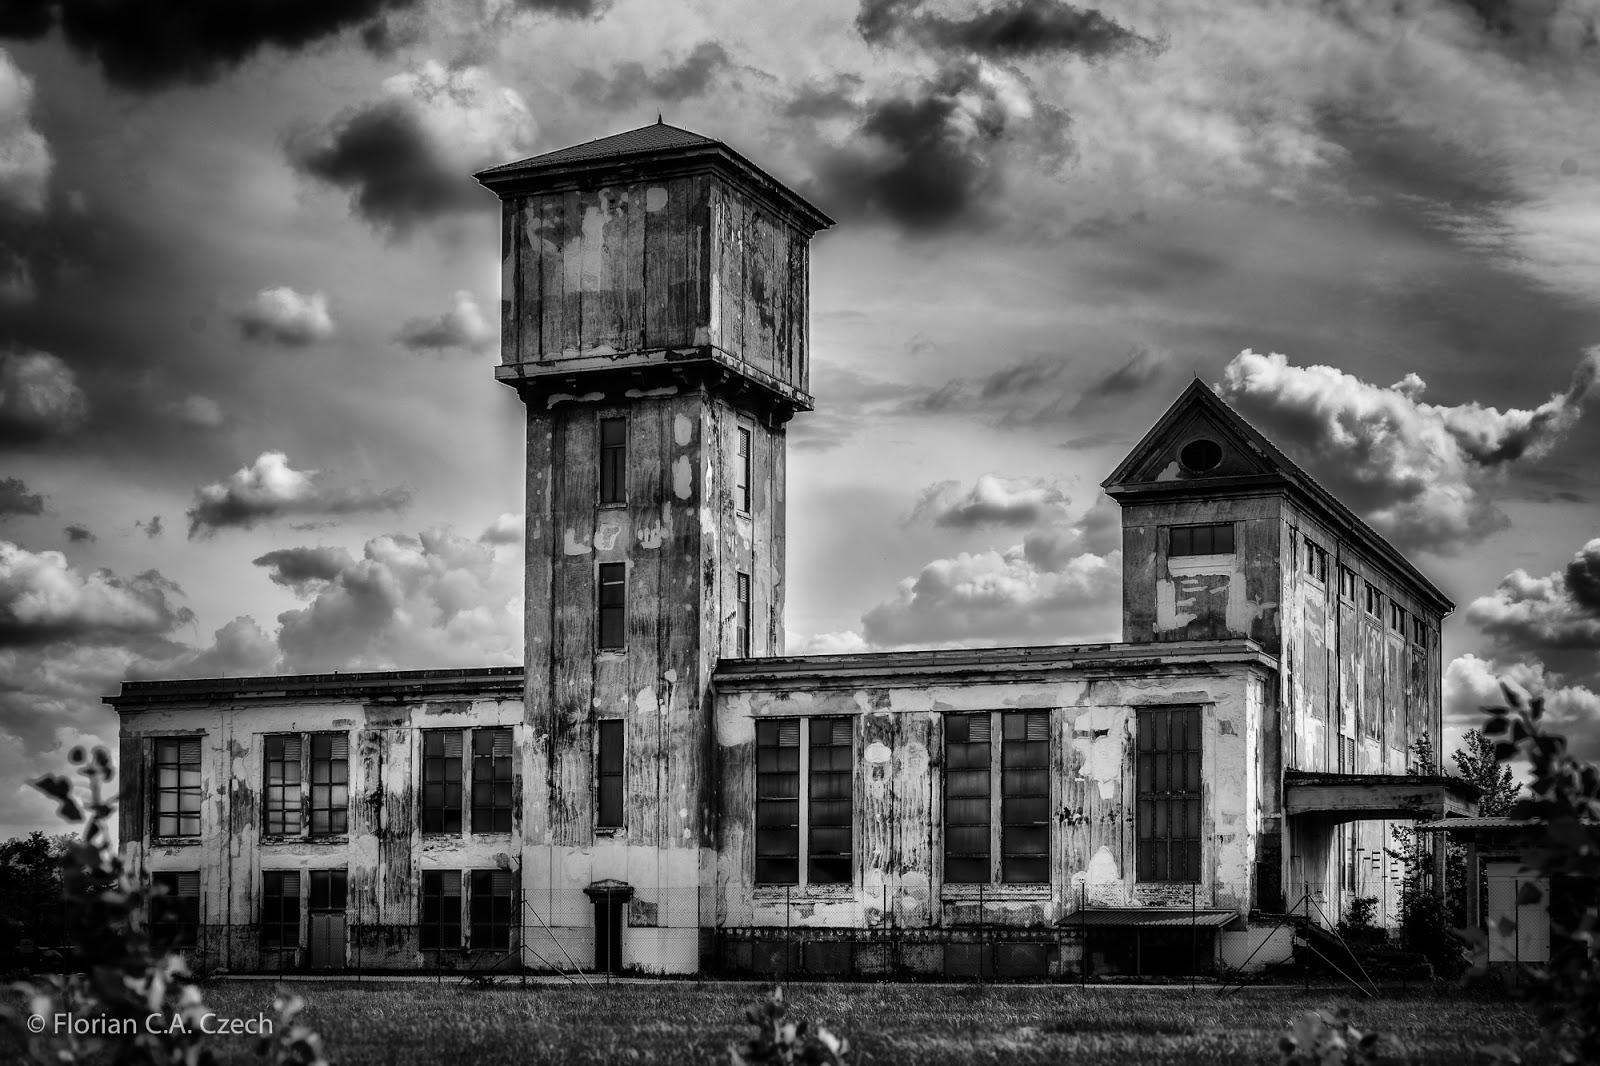 Altes Gebäude in schwarz weiss